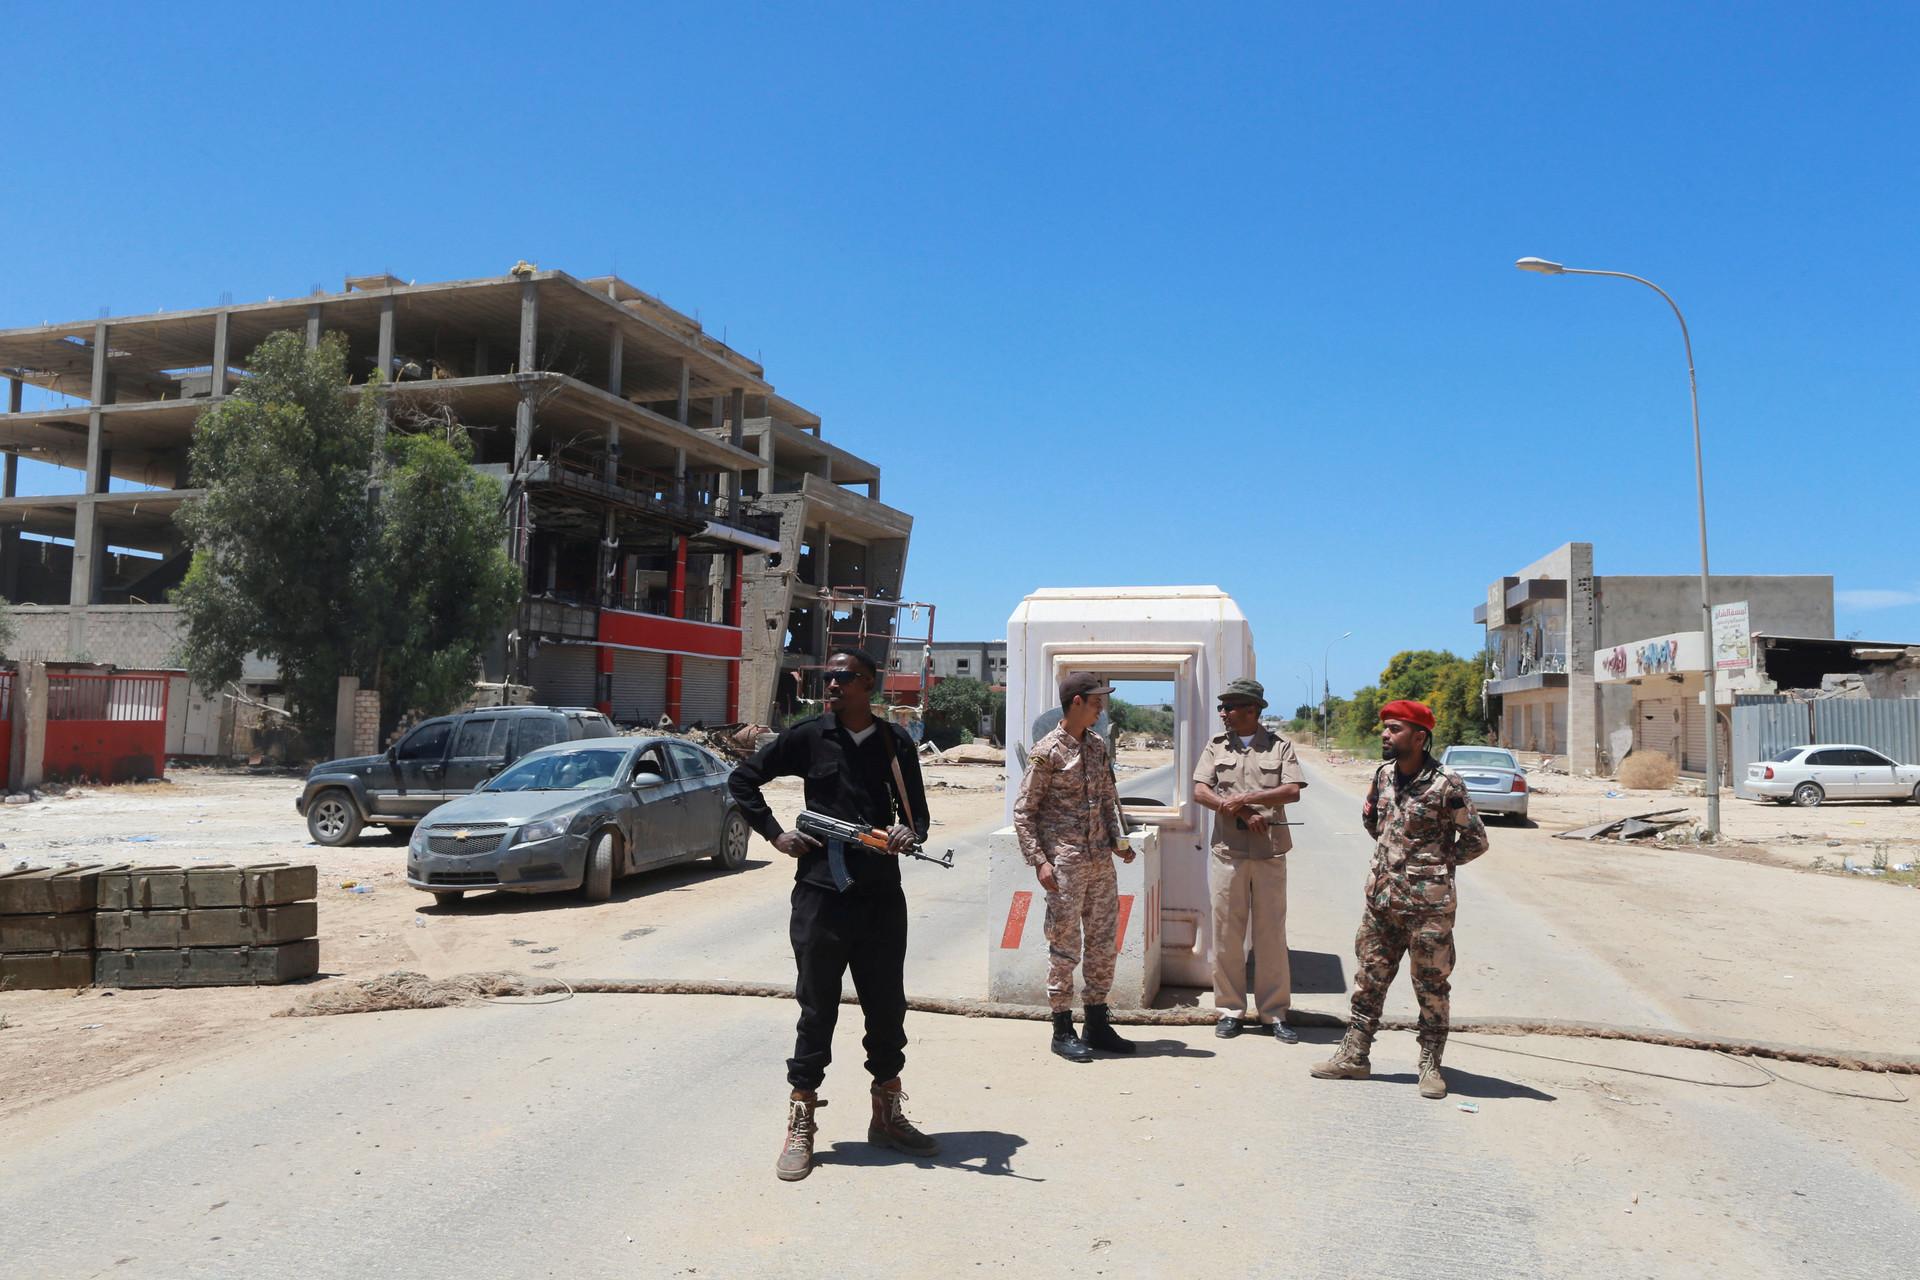 Miembros de las Fuerzas Armadas de Libia en un punto de control en Bengasi, Libia, el 16 de mayo de 2016.